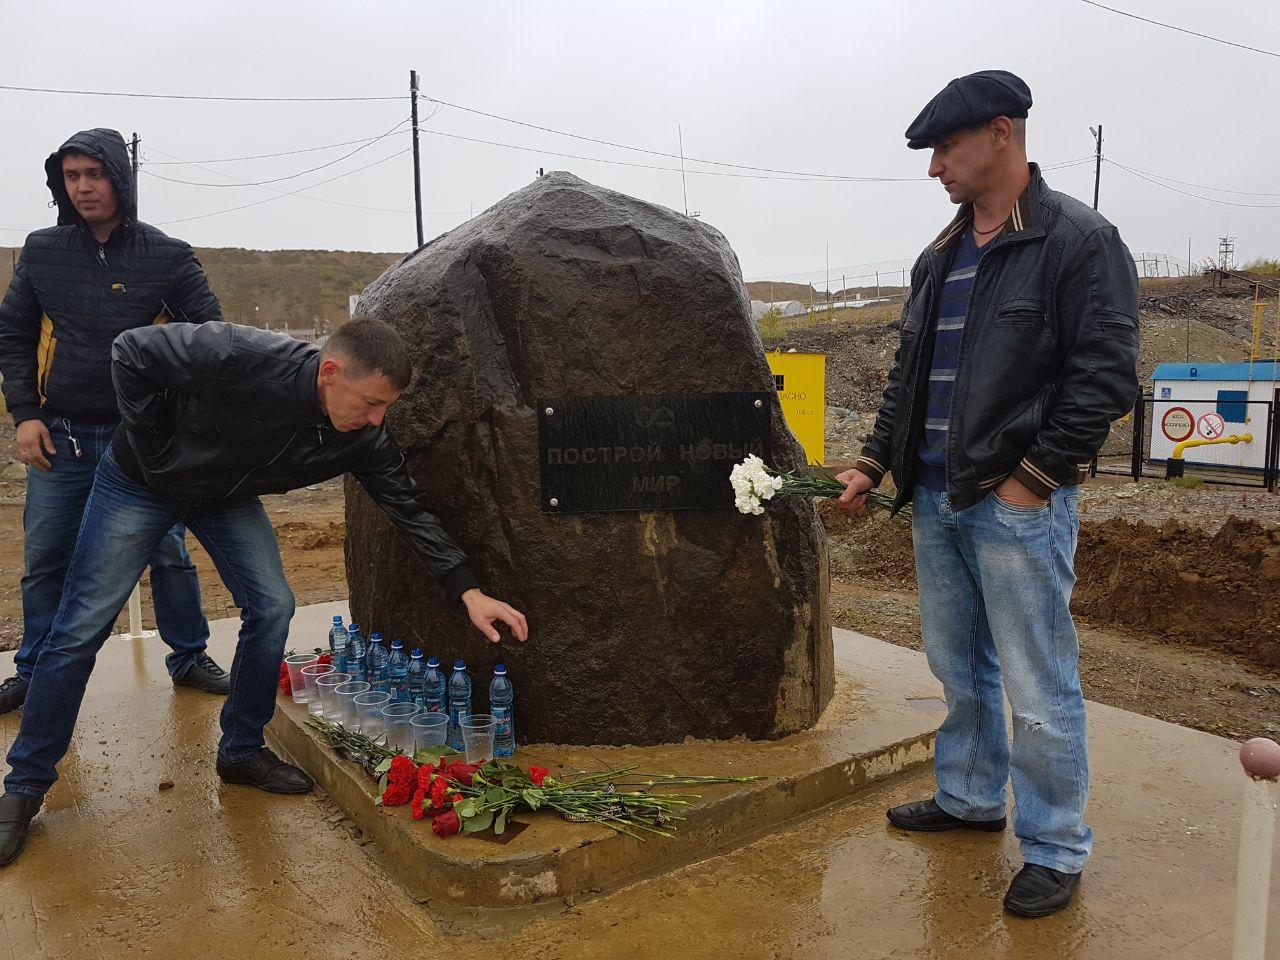 Якутяне приносят цветы к памятному камню у рудника «Мир», чтобы почтить память пропавших шахтеров